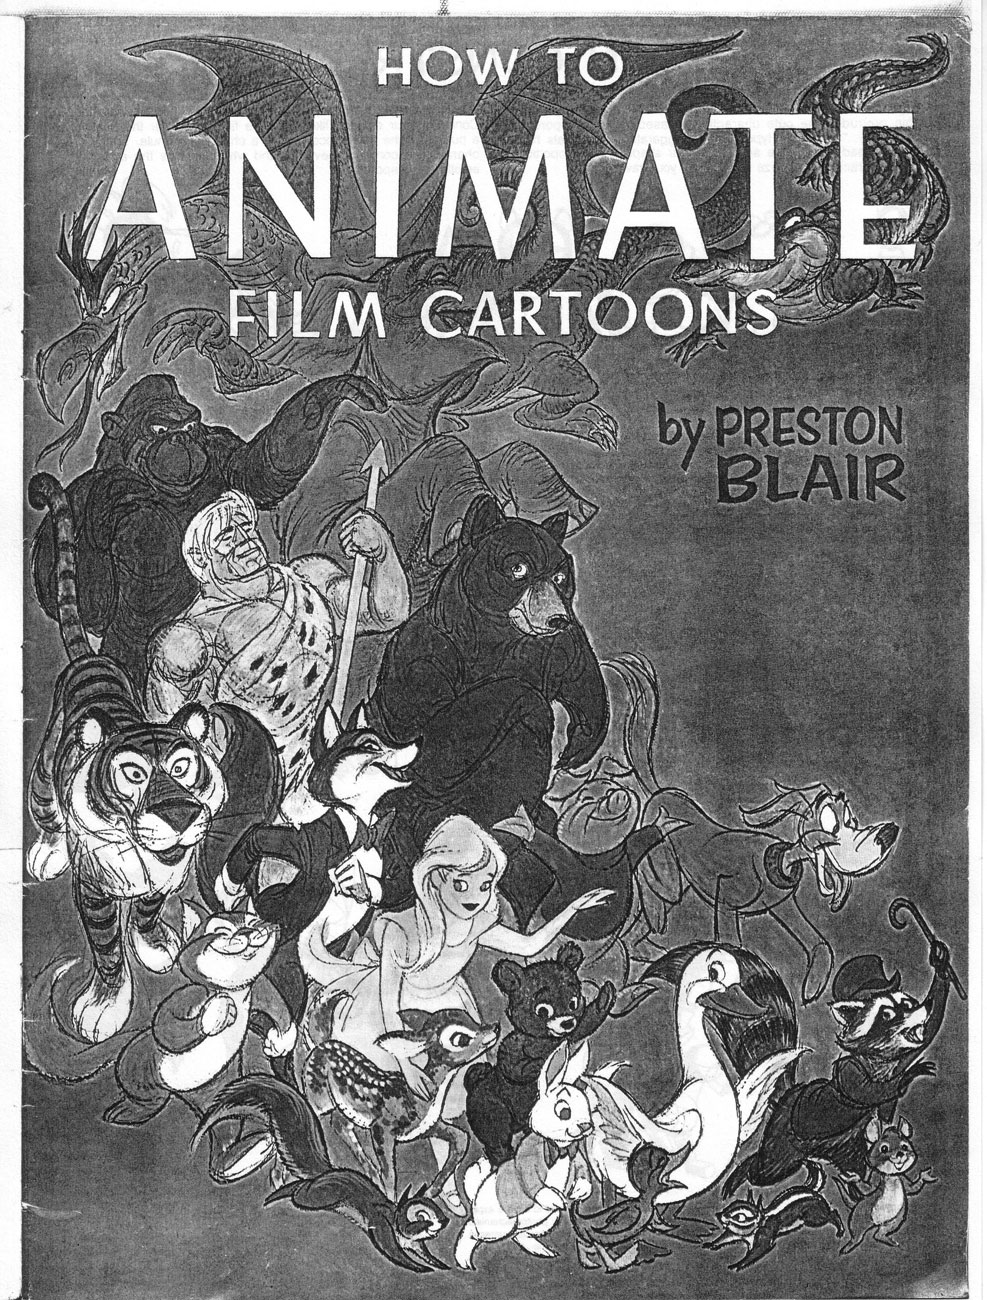 preston blair how to animate film cartoons